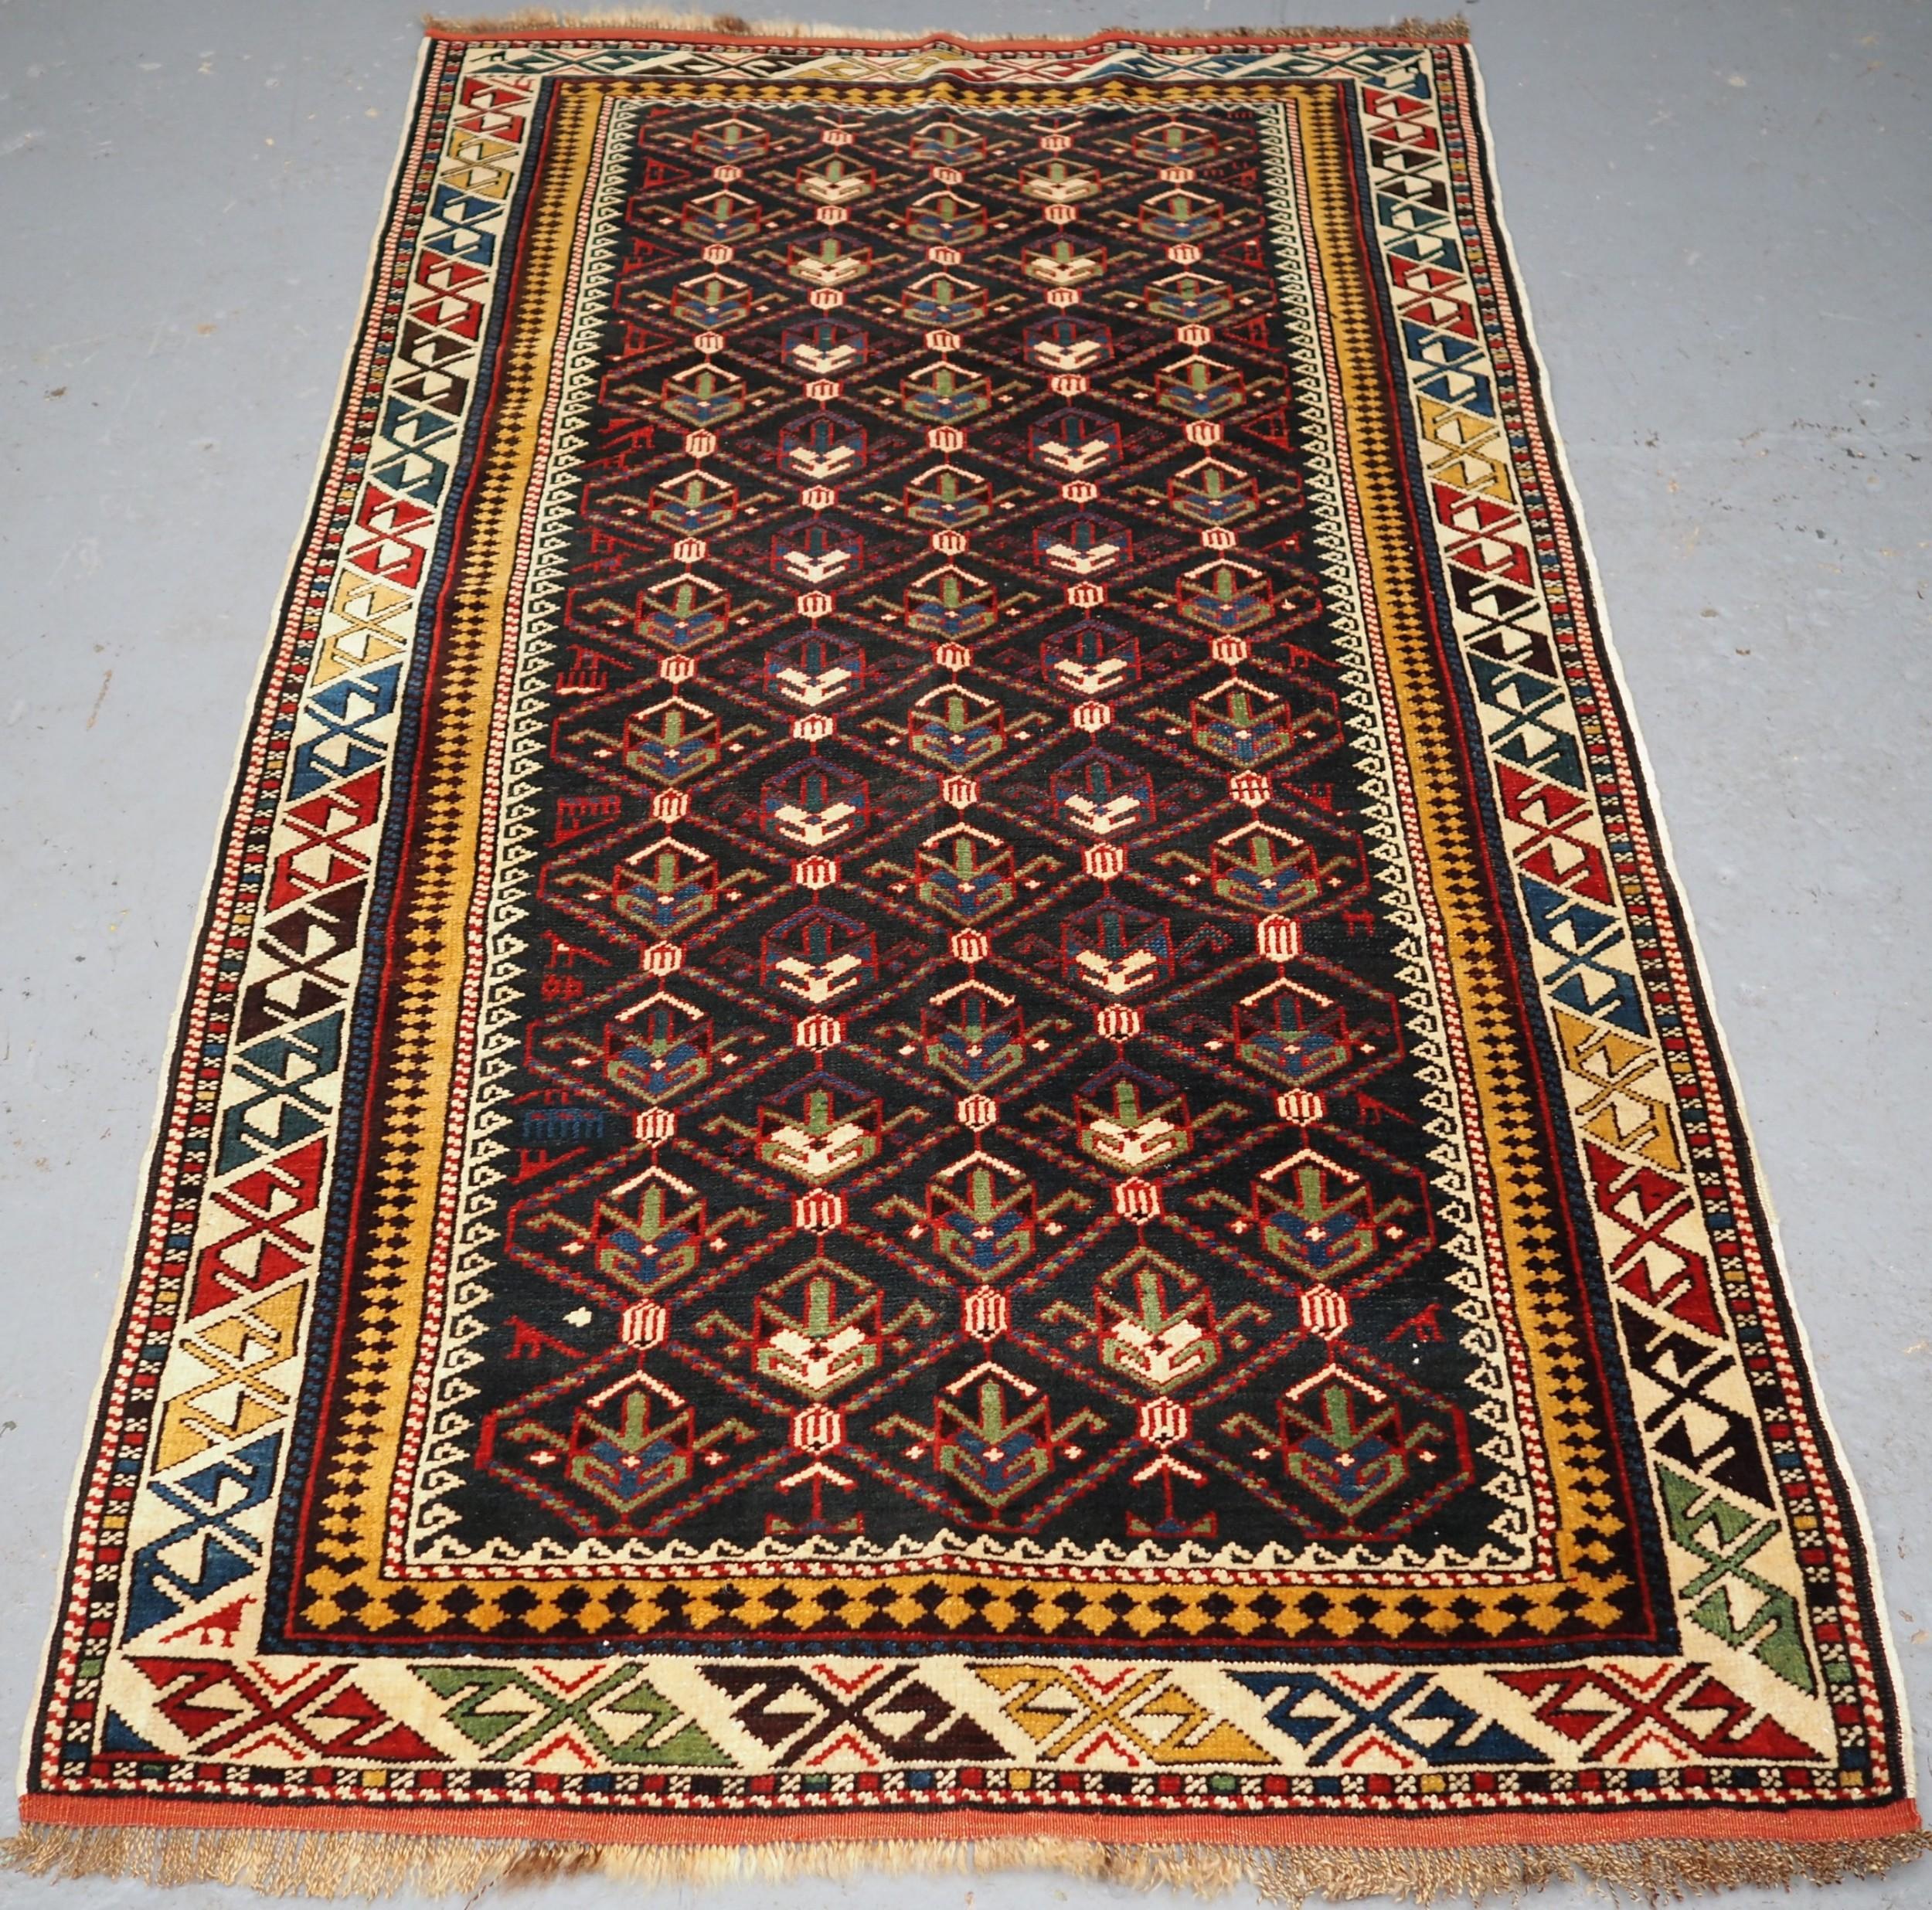 antique caucasian daghestan rug lattice design outstanding condition circa 1900